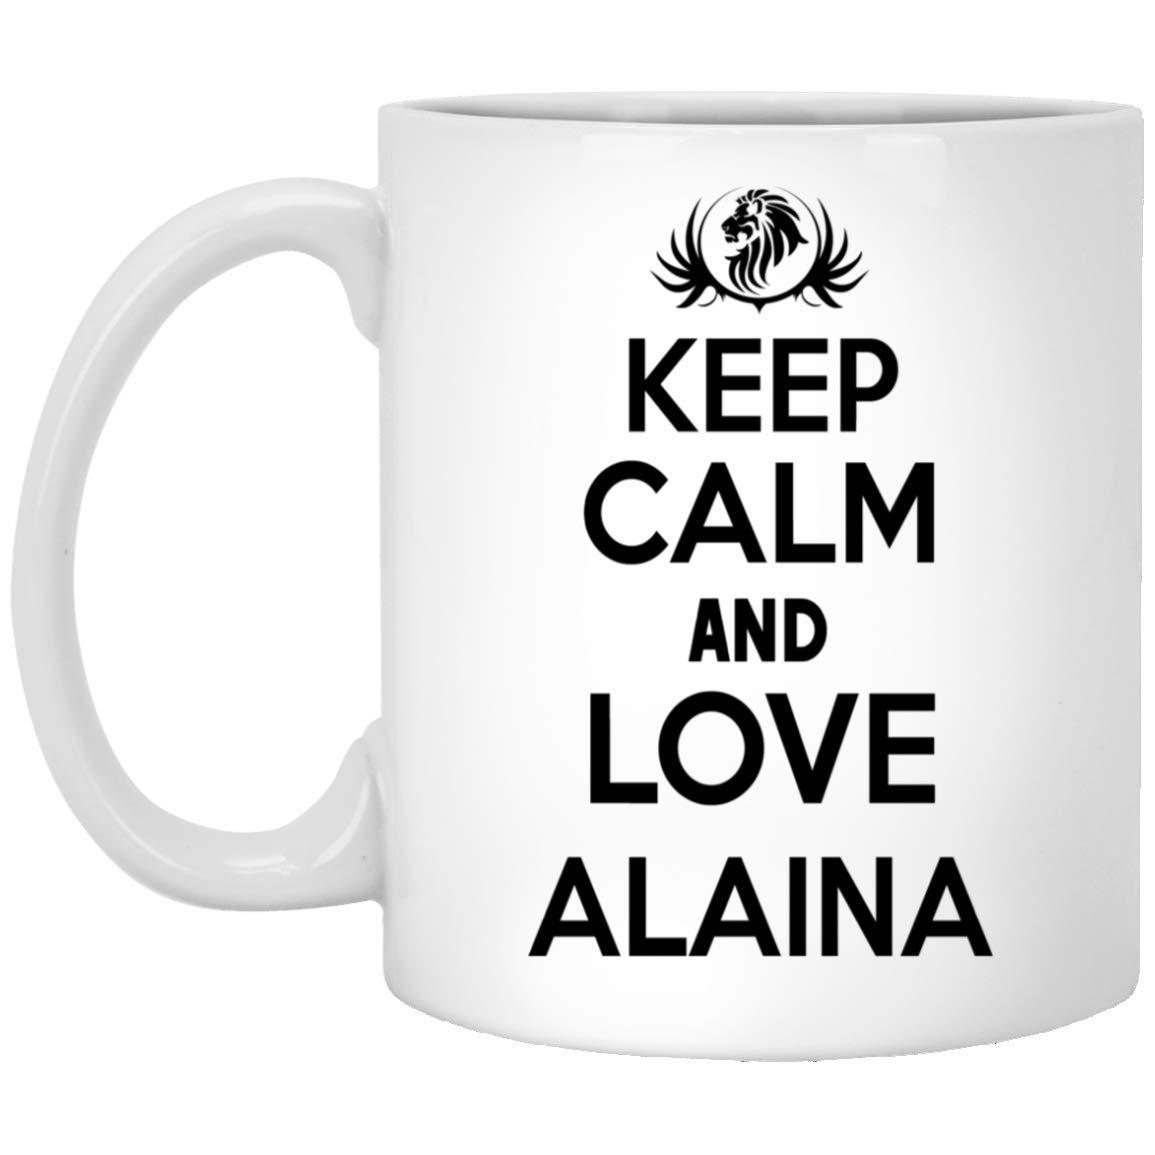 Amazoncom Keep Calm And Love Alaina Coffee Mug Mug With Name